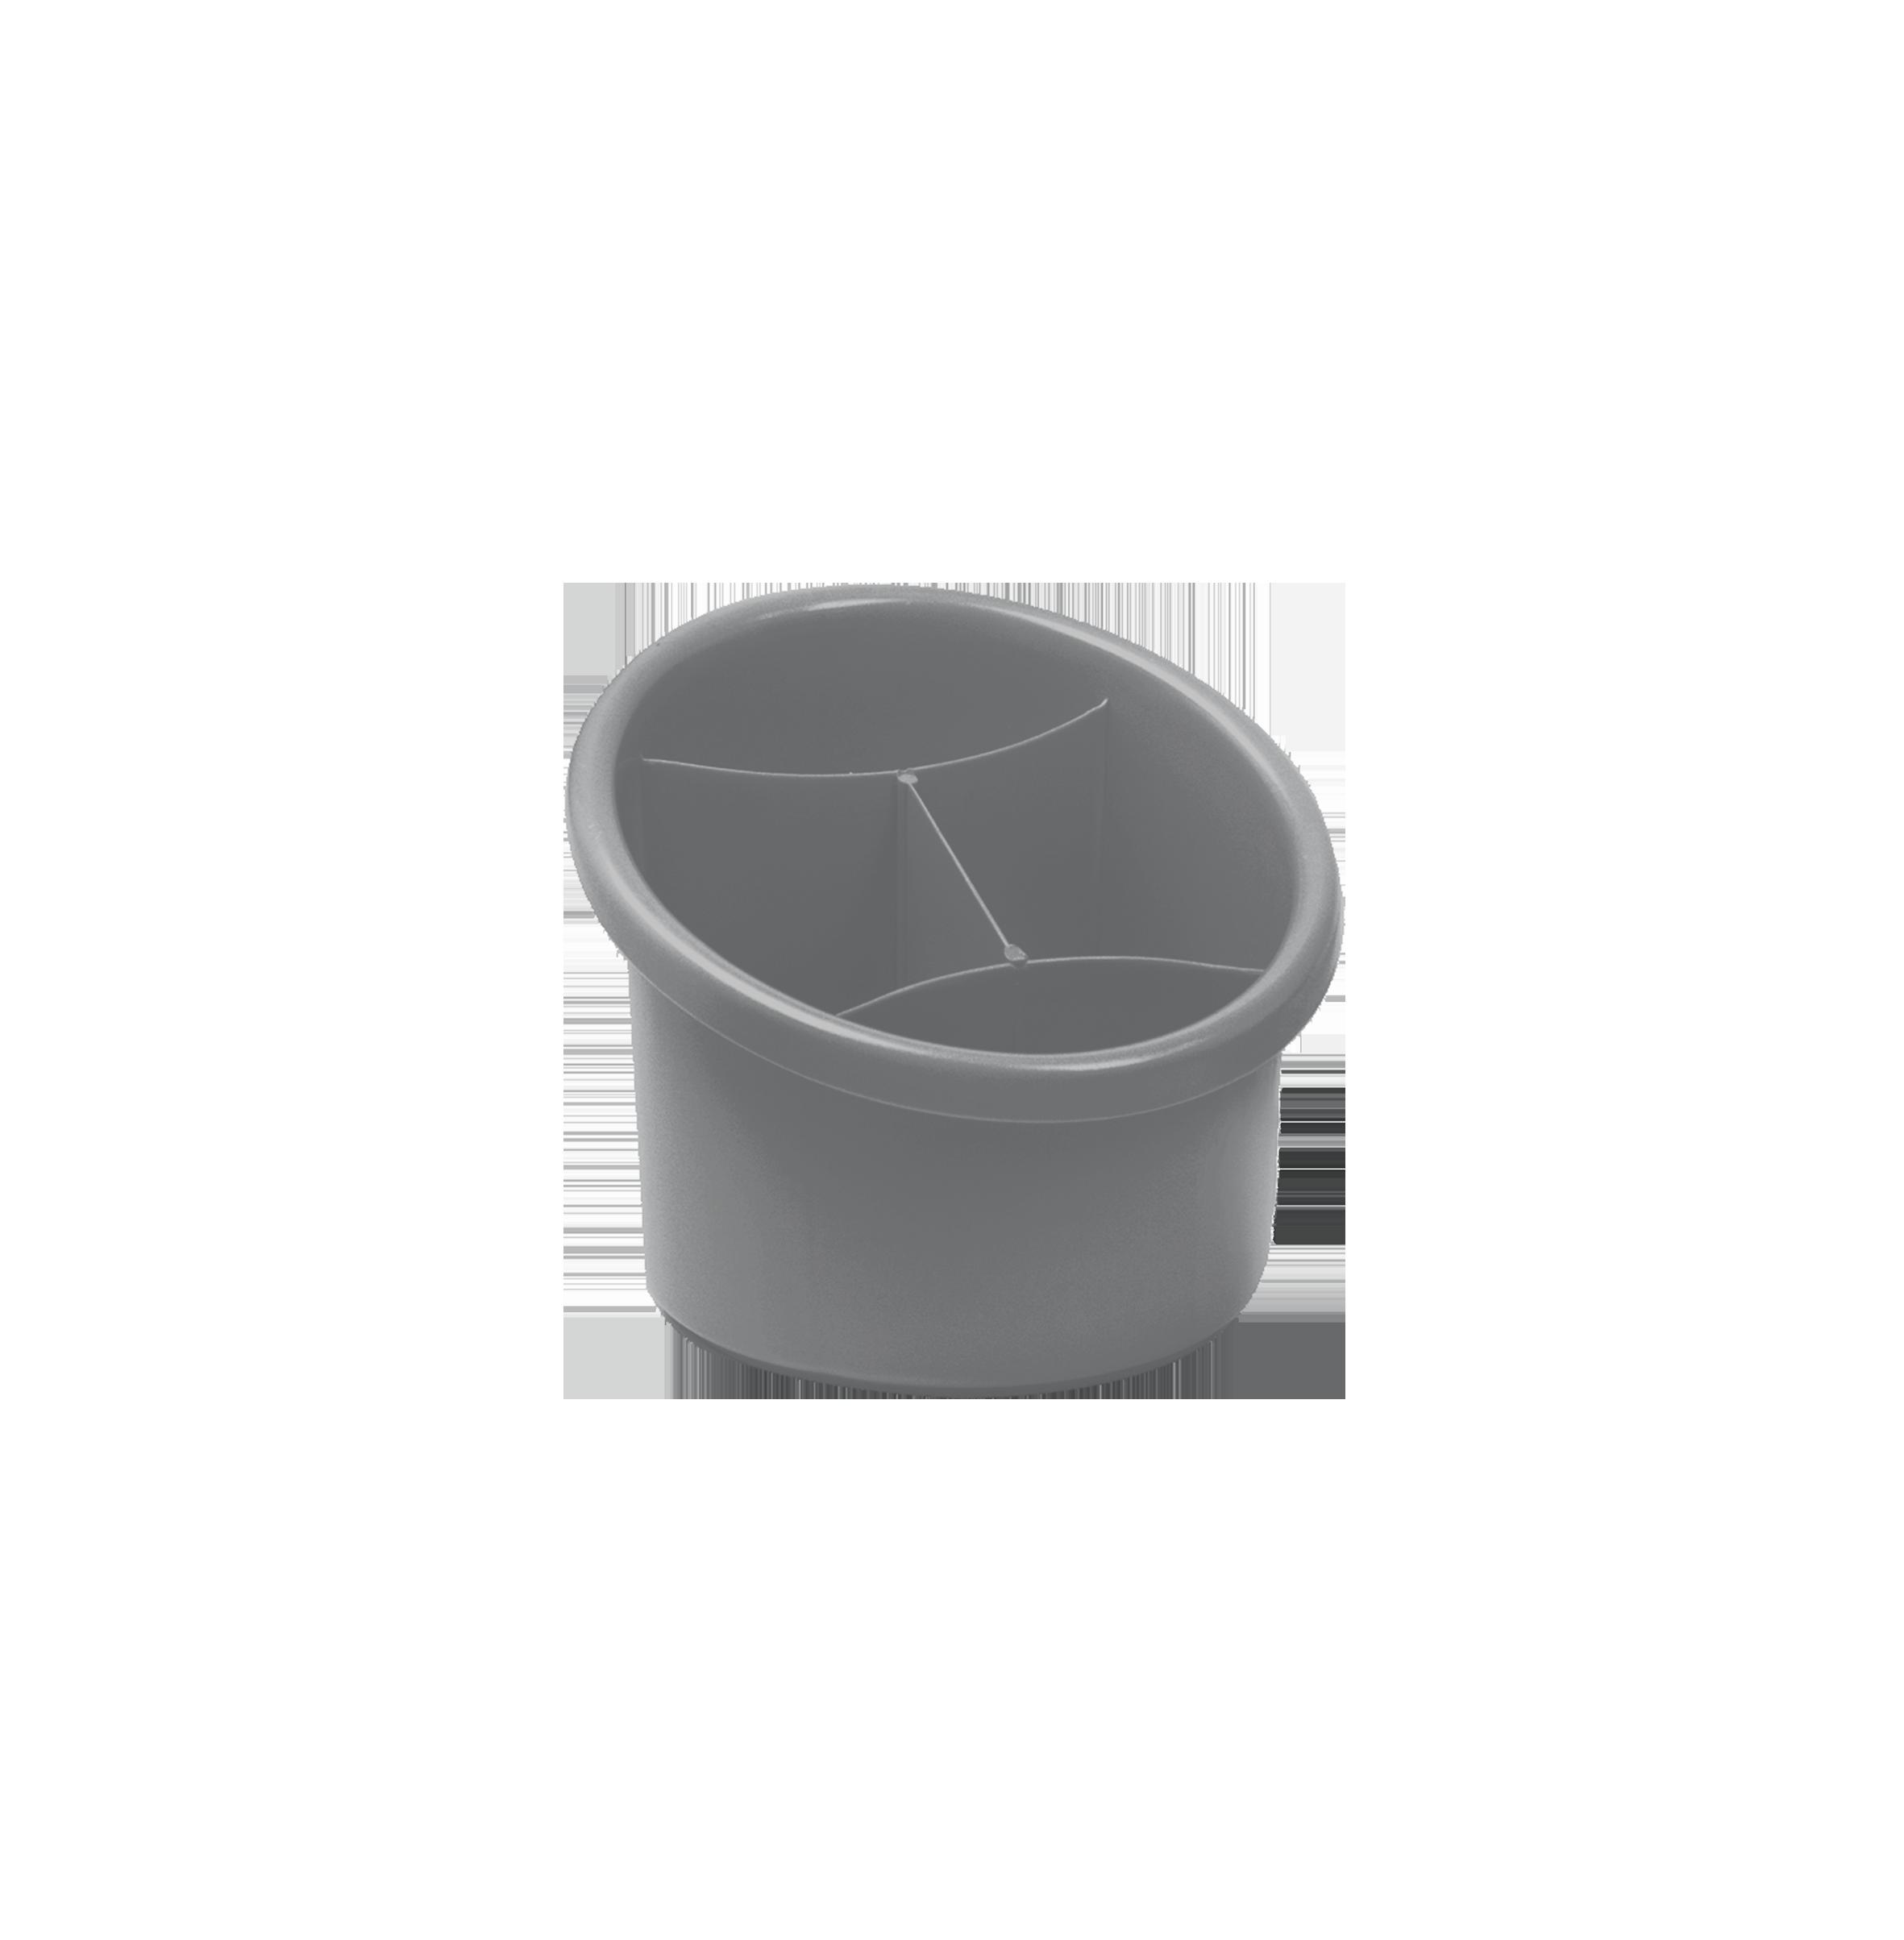 Imagem do produto Secador de Talher